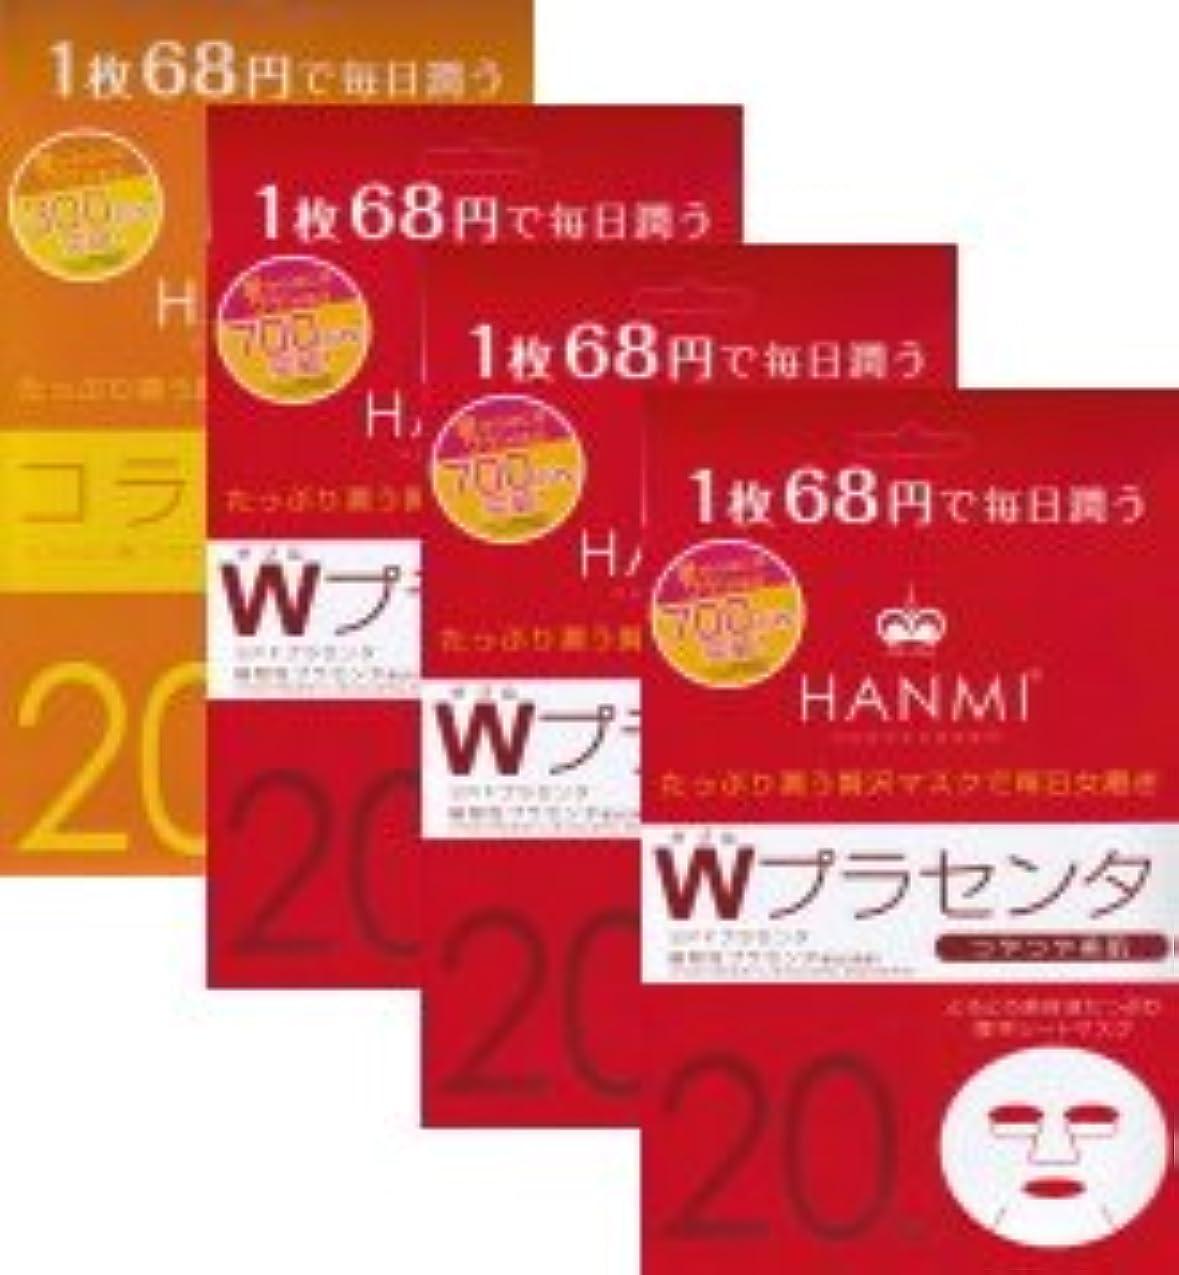 極めて分析する縁石MIGAKI ハンミフェイスマスク(20枚入り)「コラーゲン×1個」「Wプラセンタ×3個」の4個セット